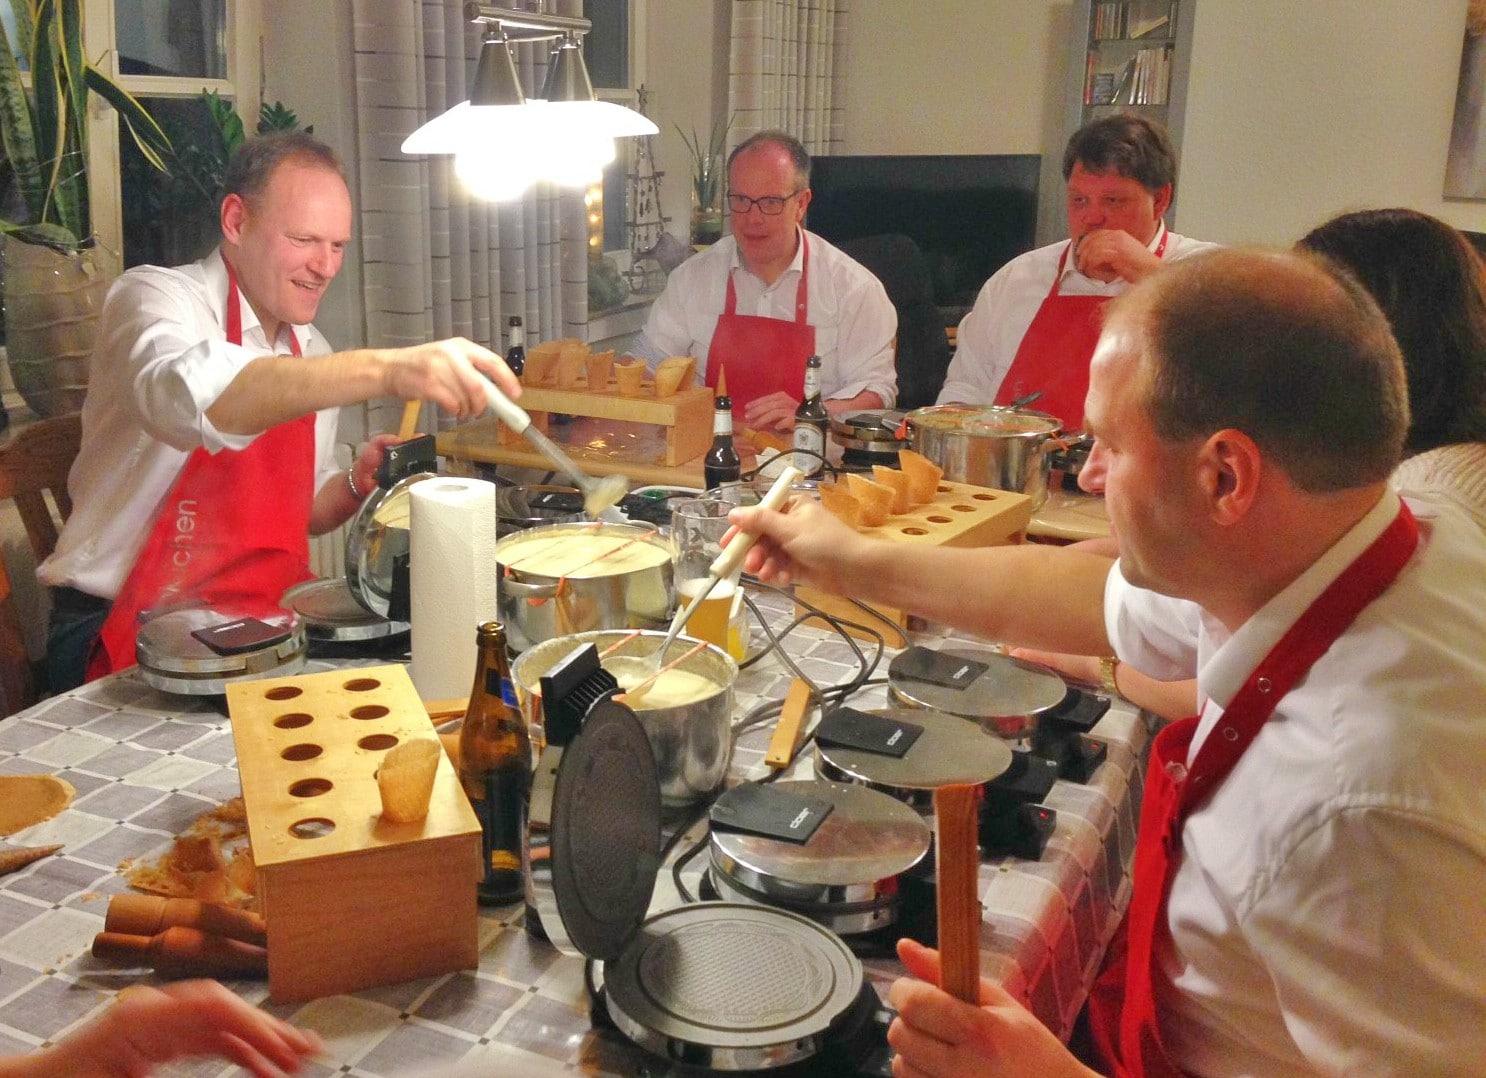 Ein eingespieltes Team: Die Piekuchenbäcker in Aktion